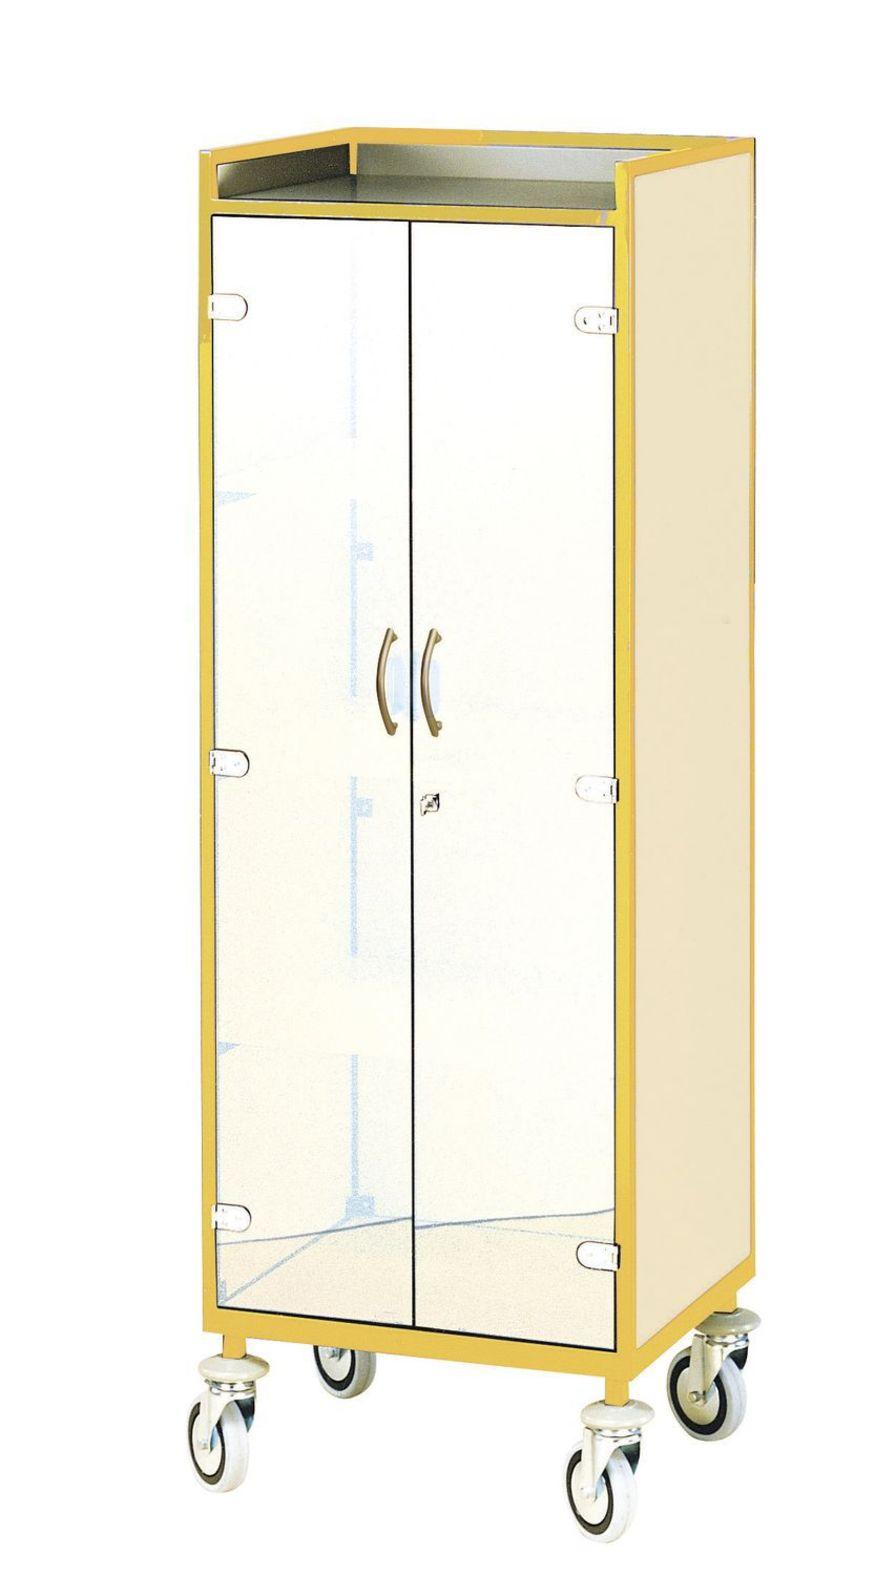 Medical cabinet / clean linen / for healthcare facilities / 2-door 405.68 VILLARD